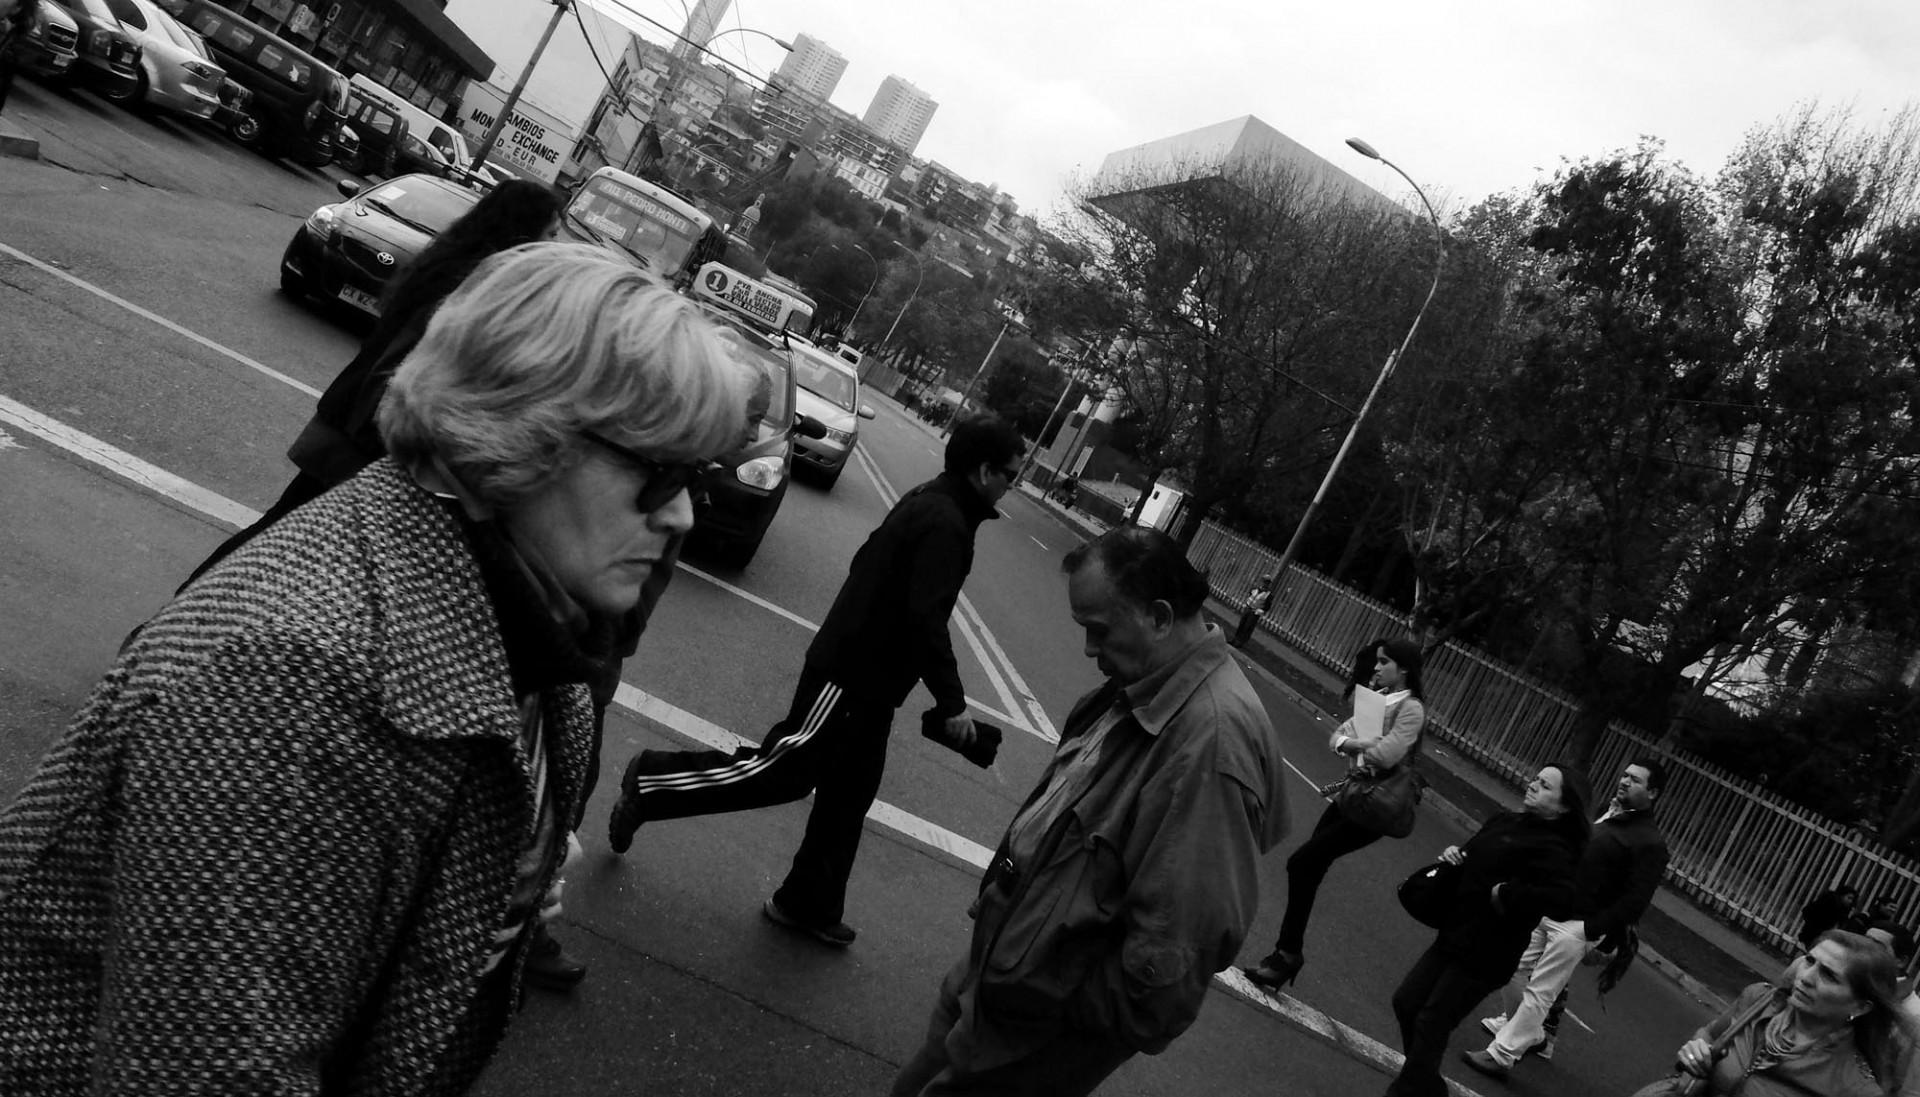 20 de mayo. Un día como todos en Valparaíso en la víspera de una nueva conmemoración del 21 en la ciudad